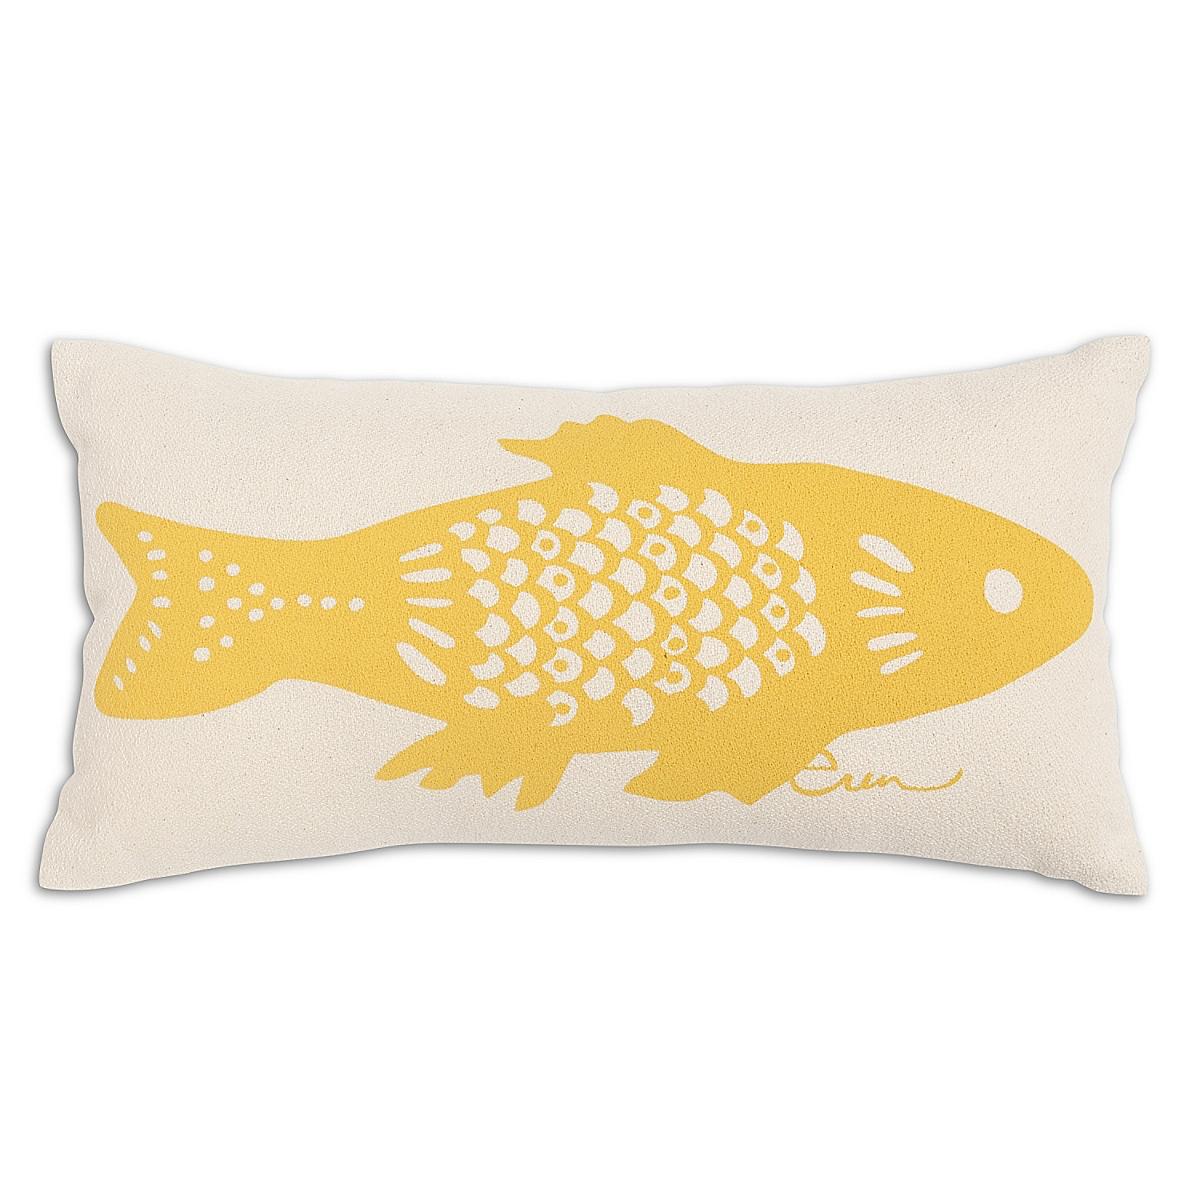 """10"""" x 20"""" - Cod Pillow: Bumble"""